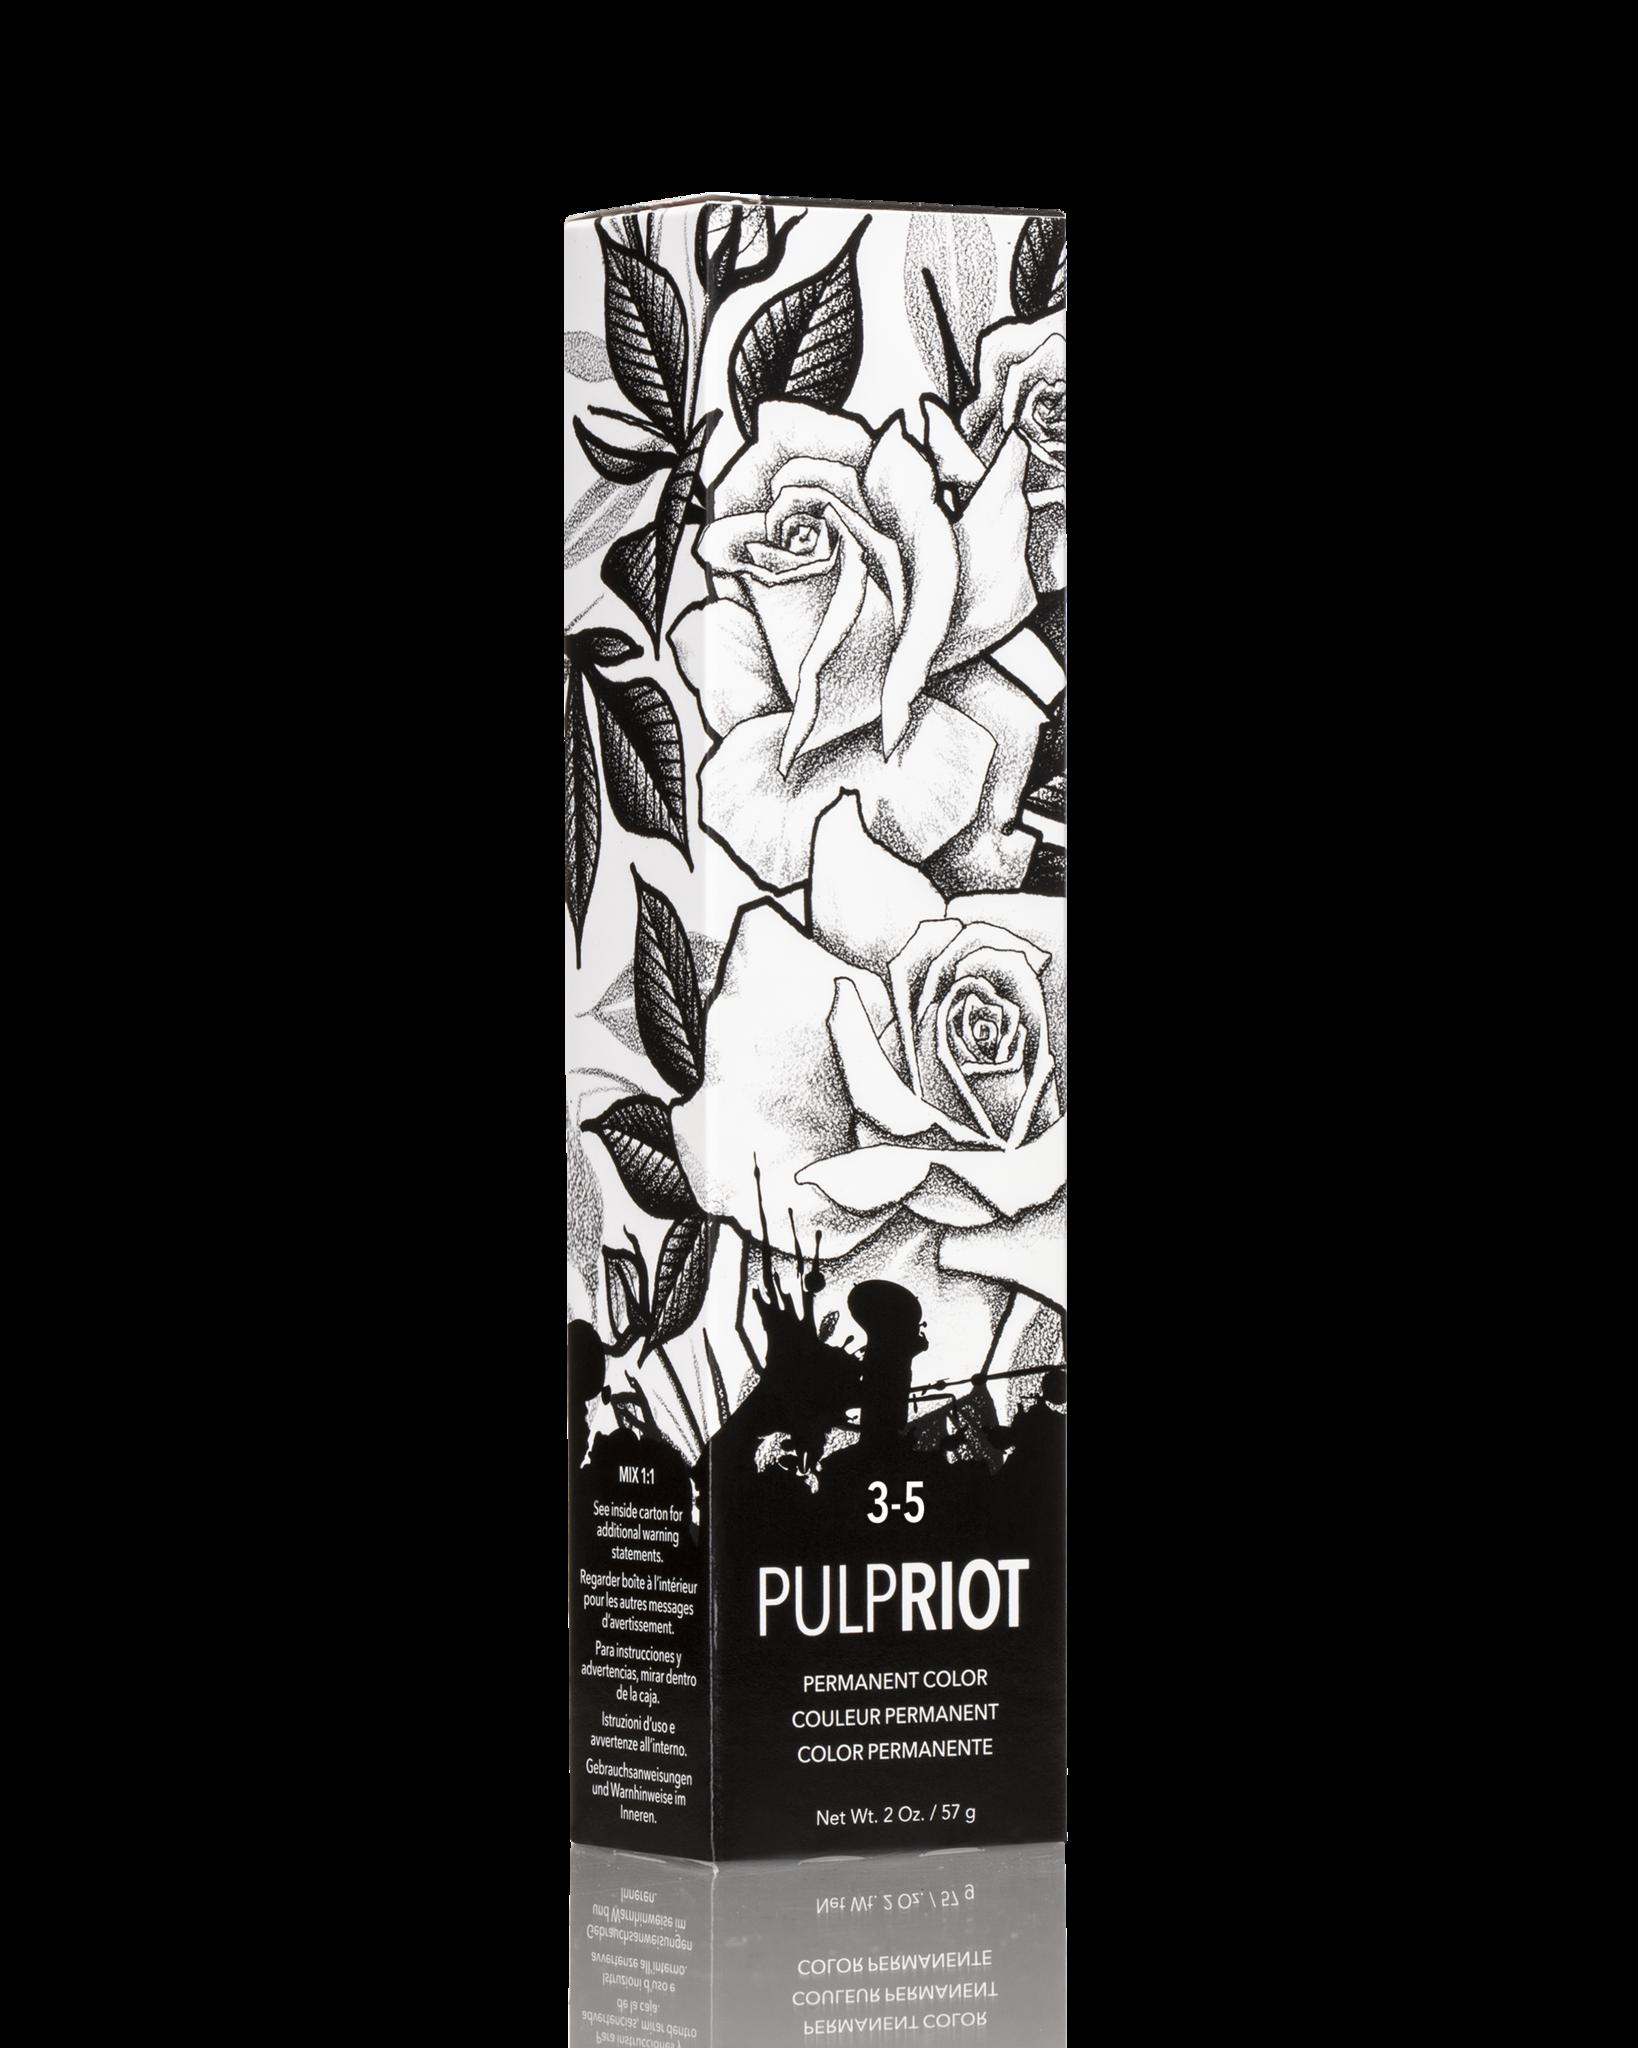 Pulp Riot PULP RIOT FACTION 8 ROUGE VIOLET/RED VIOLET 3-5